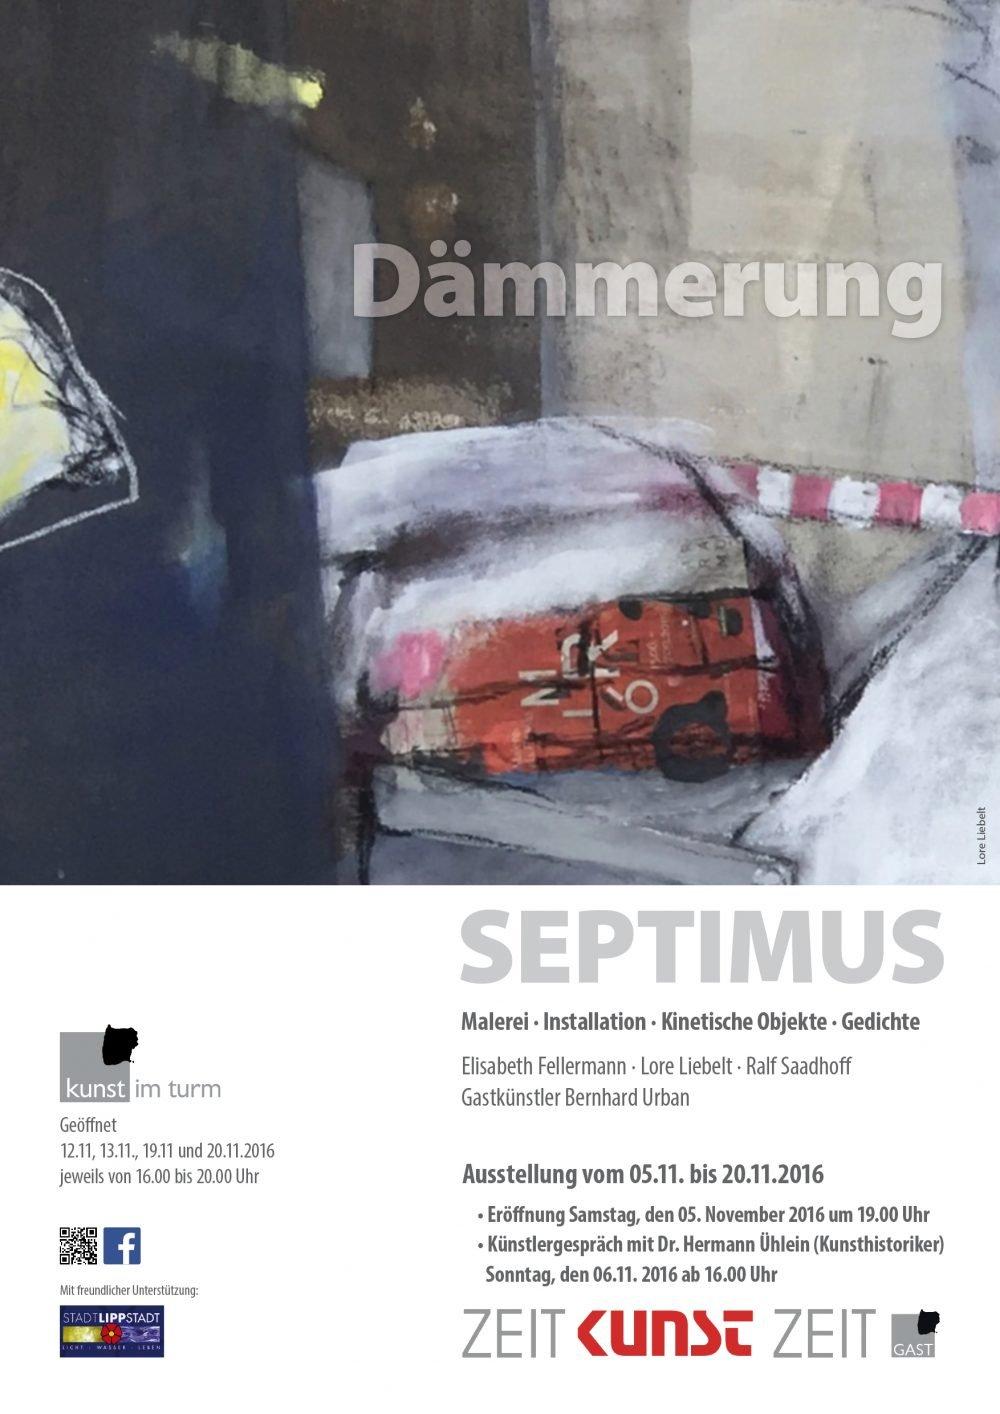 """Kunst im Turm: """"Dämmerung"""" Ausstellungseröffnung am 05.11. 2016 um 19 Uhr"""